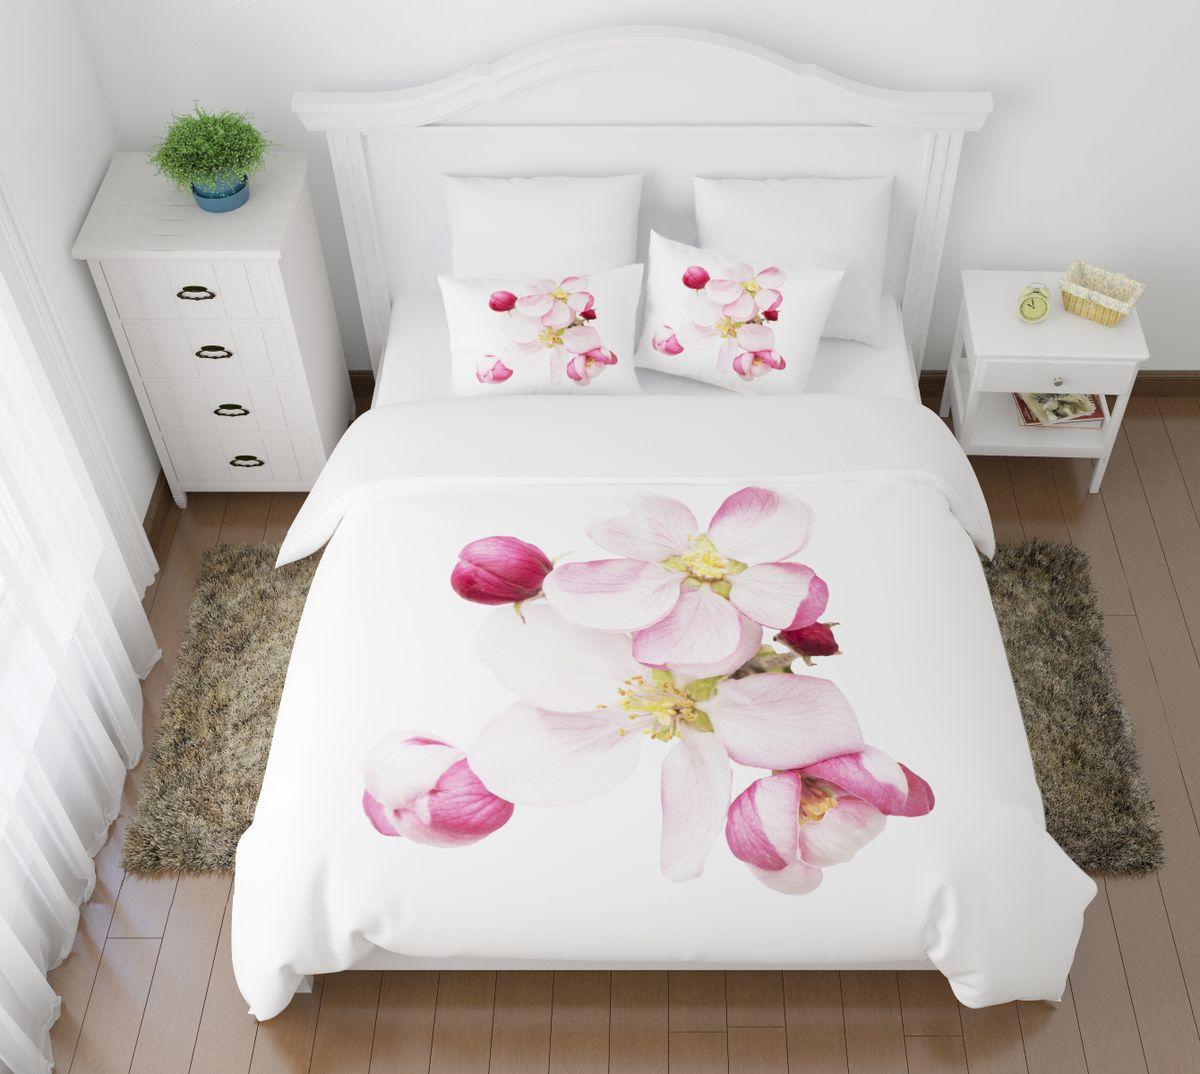 Комплект белья Сирень Распустившиеся цветы, 2-спальный, наволочки 50х70U210DFКомплект постельного белья Сирень 2-х спальный выполнен из прочной и мягкой ткани. Четкий и стильный рисунок в сочетании с насыщенными красками делают комплект постельного белья неповторимой изюминкой любого интерьера. Постельное белье идеально подойдет для подарка. Идеальное соотношение смешенной ткани и гипоаллергенных красок это гарантия здорового, спокойного сна. Ткань хорошо впитывает влагу, надолго сохраняет яркость красок. Цвет простыни, пододеяльника, наволочки в комплектации может немного отличаться от представленного на фото.В комплект входят: простыня - 200х220см; пододельяник 175х210 см; наволочка - 50х70х2шт. Постельное белье легко стирать при 30-40 градусах, гладить при 150 градусах, не отбеливать.Рекомендуется перед первым изпользованием постирать.